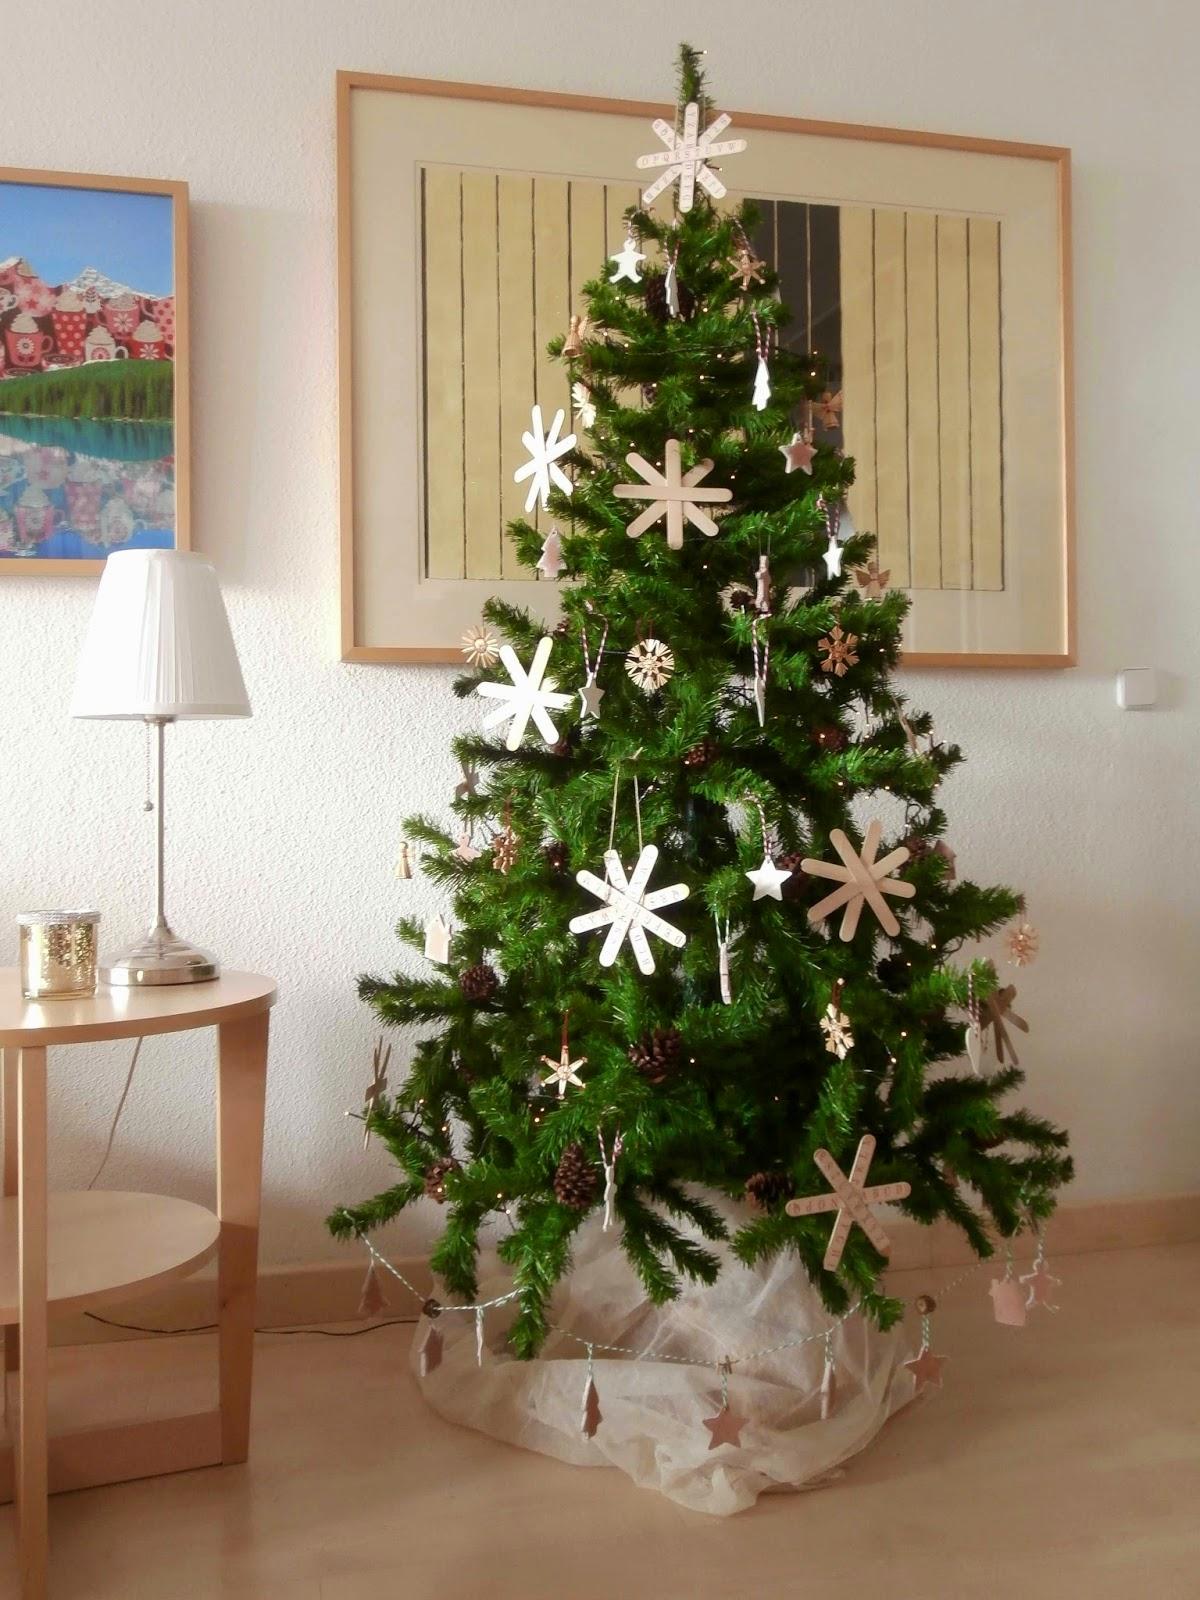 Lalibelula adornos para el arbol de navidad hechos con - Adornos navidenos para arbol de navidad ...